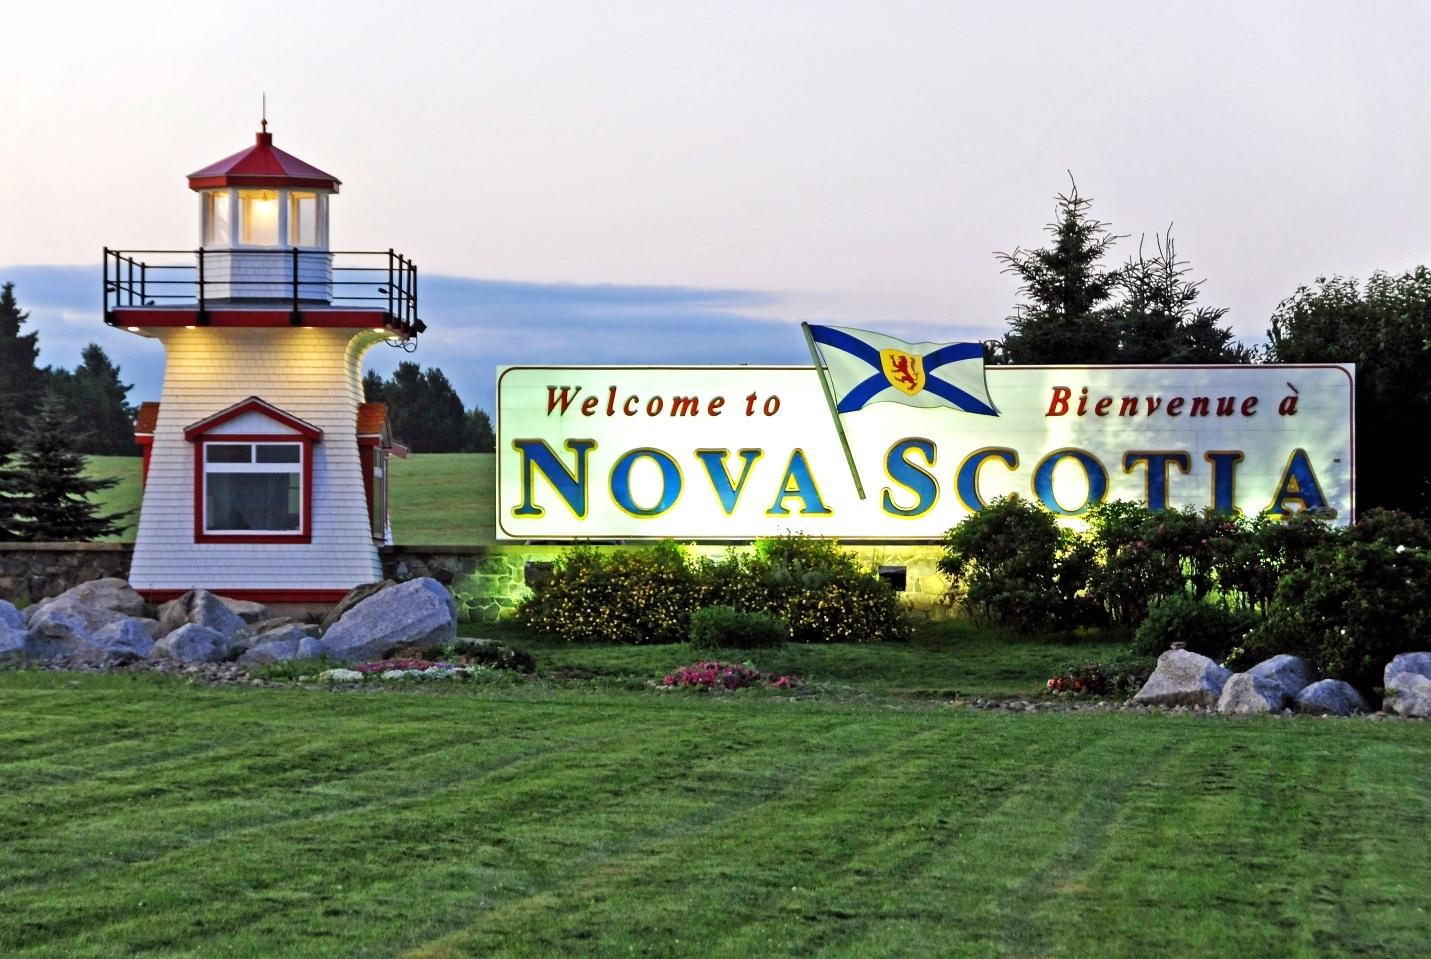 Cuộc sống ở Nova Scotia: Liệu có tuyệt vời như bạn nghĩ?